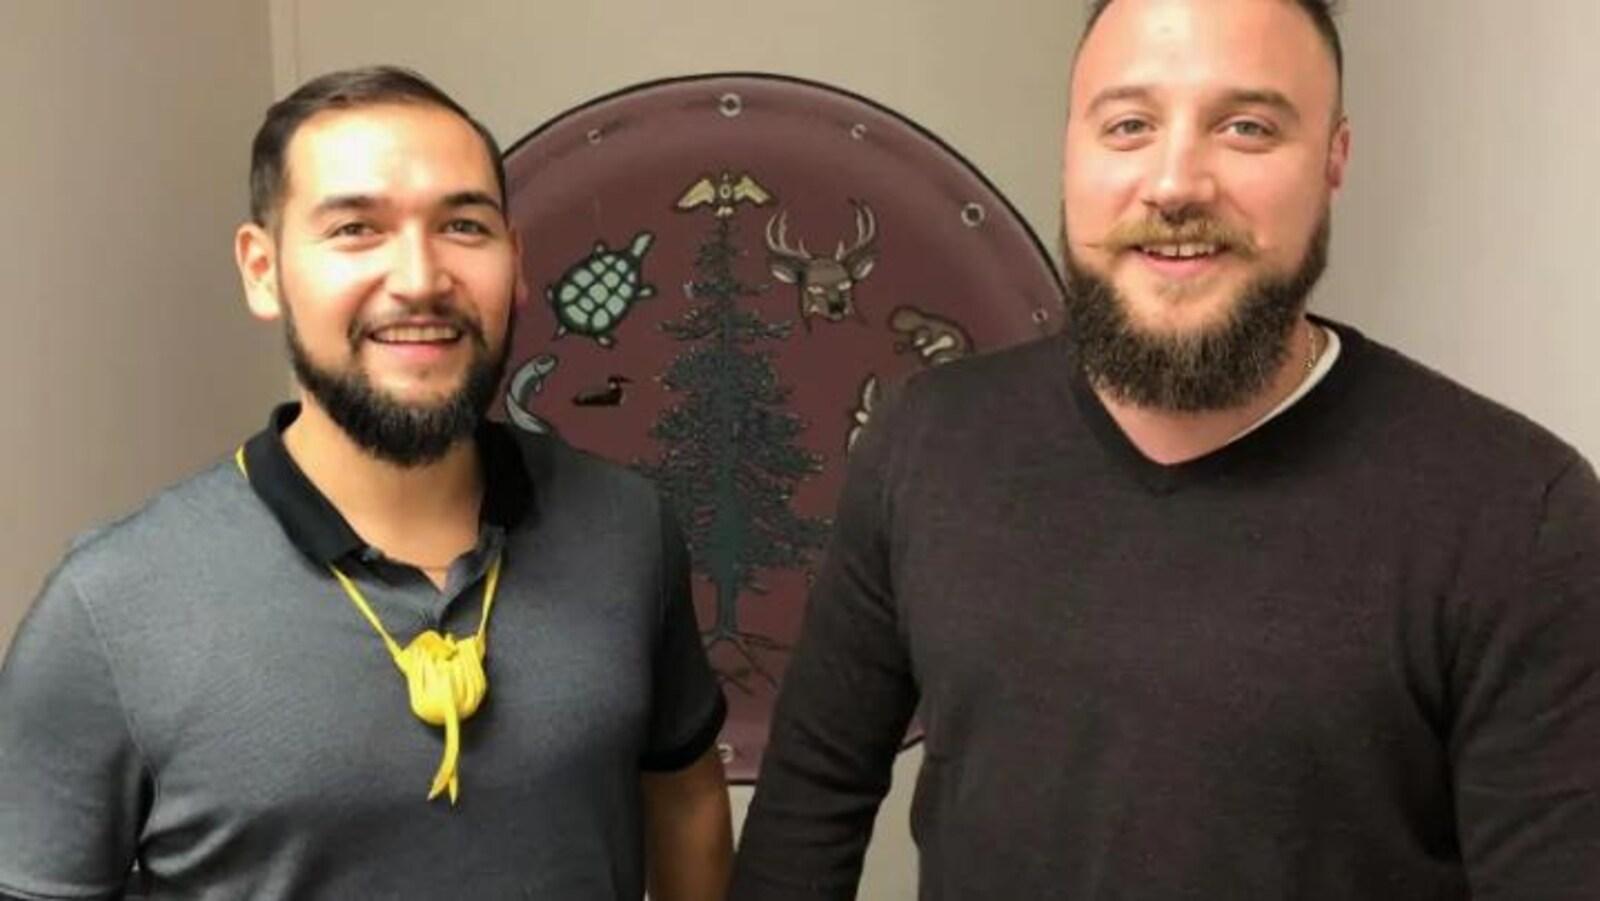 Jonathon Araujo et  Jacob Taylor  sourient, ils portent tous les deux une courte barbe, un chandail bleu pour Jonathon et un chandail bordeau pour Jacob